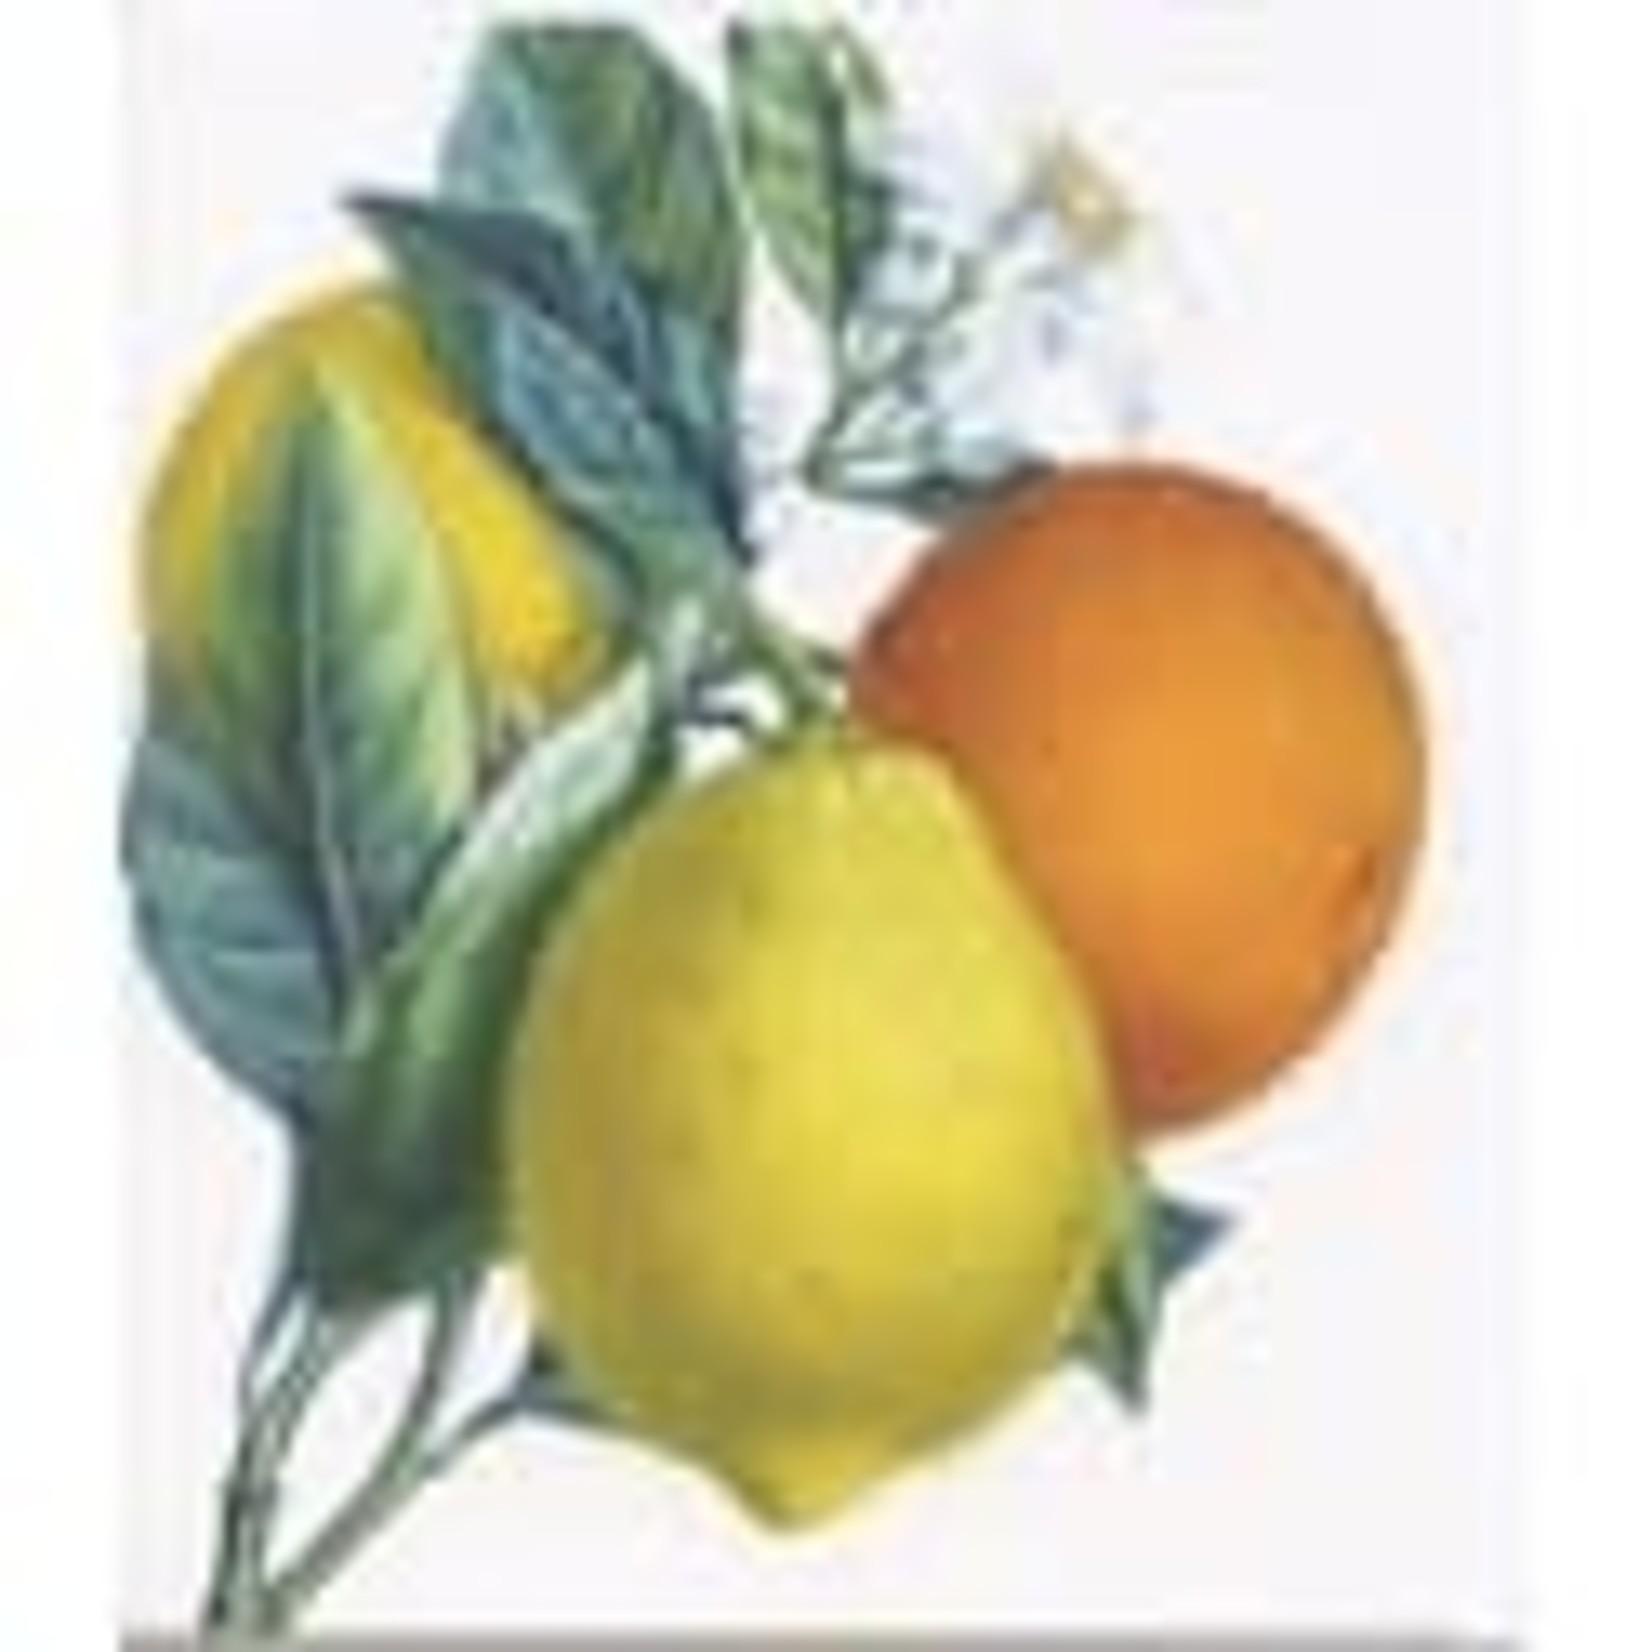 Archivist Oranges And Lemons